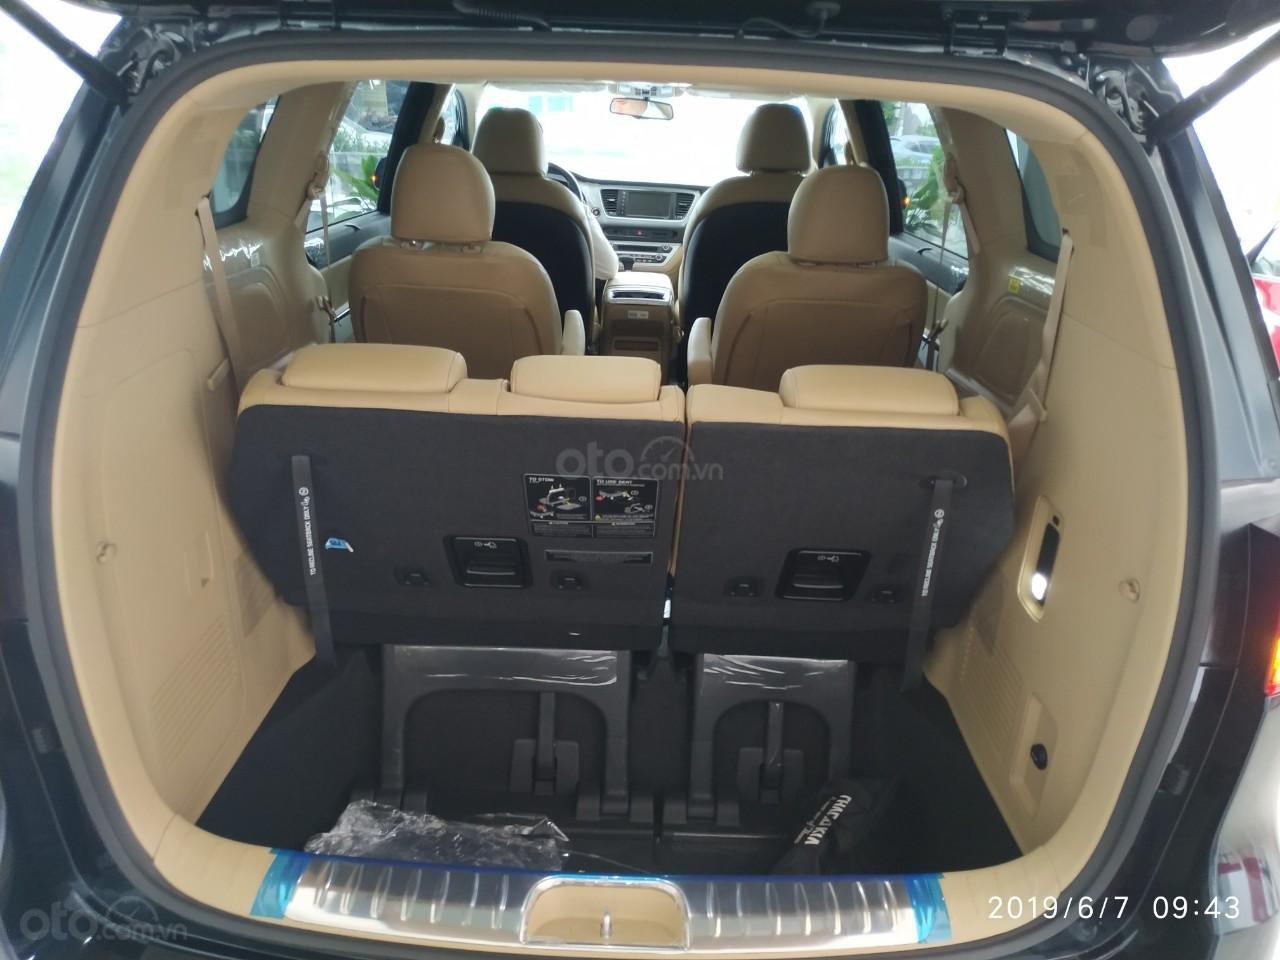 Bán ô tô Kia Sedona Luxury, Platinum D, Platinum G sản xuất năm 2019, màu xanh lam (9)